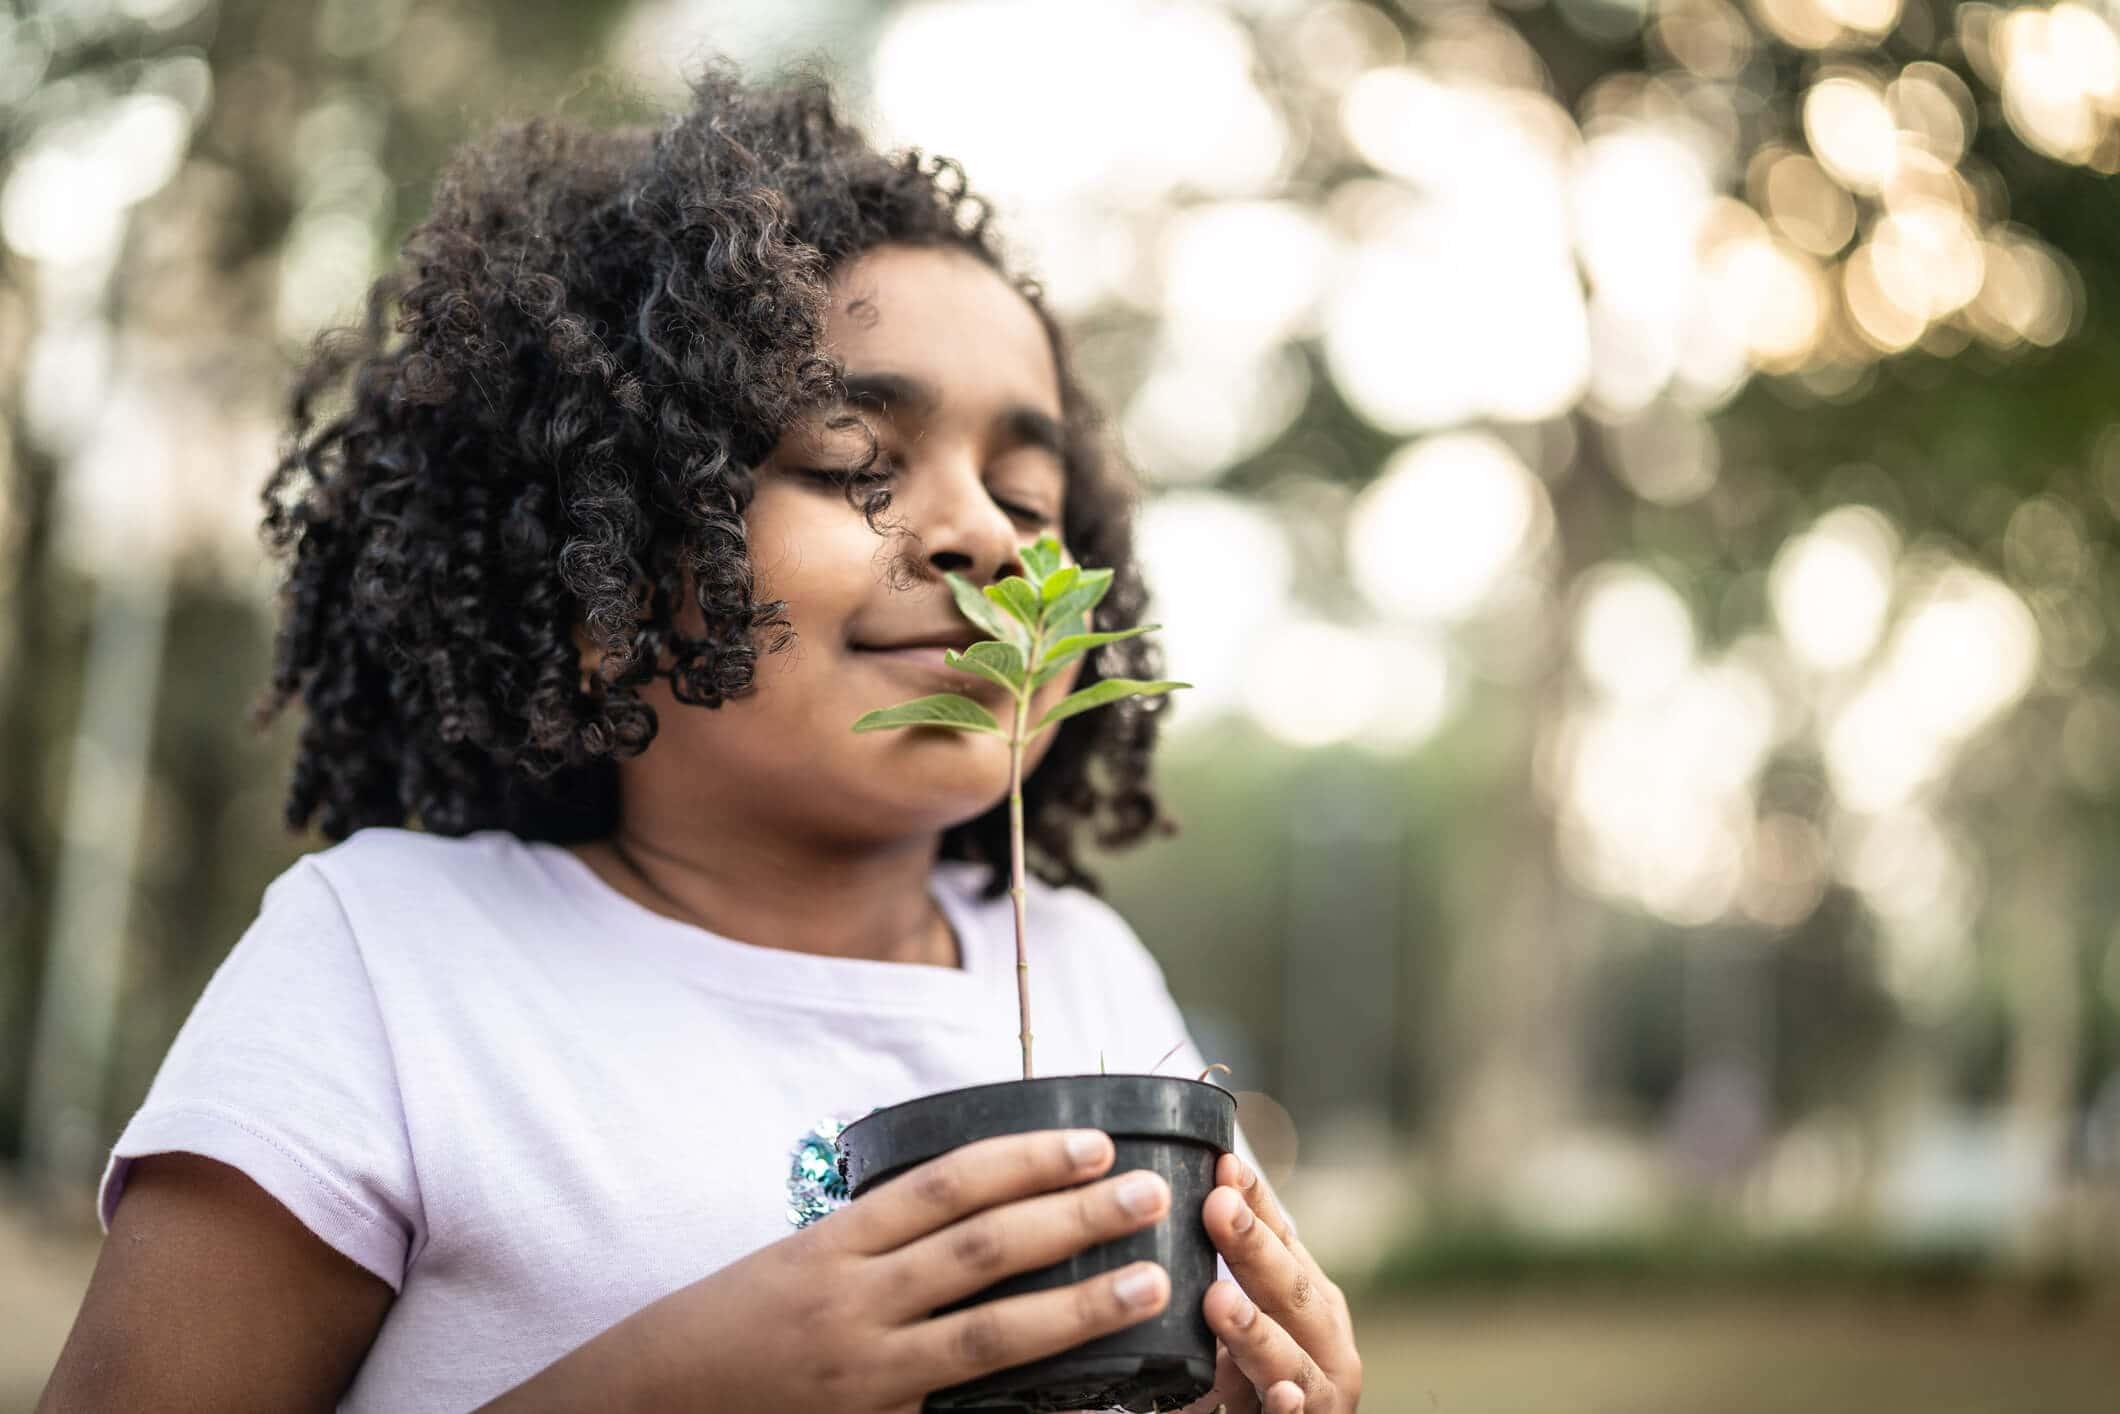 Criança com vaso de plantas na mão representando o tema: educação ambiental para crianças